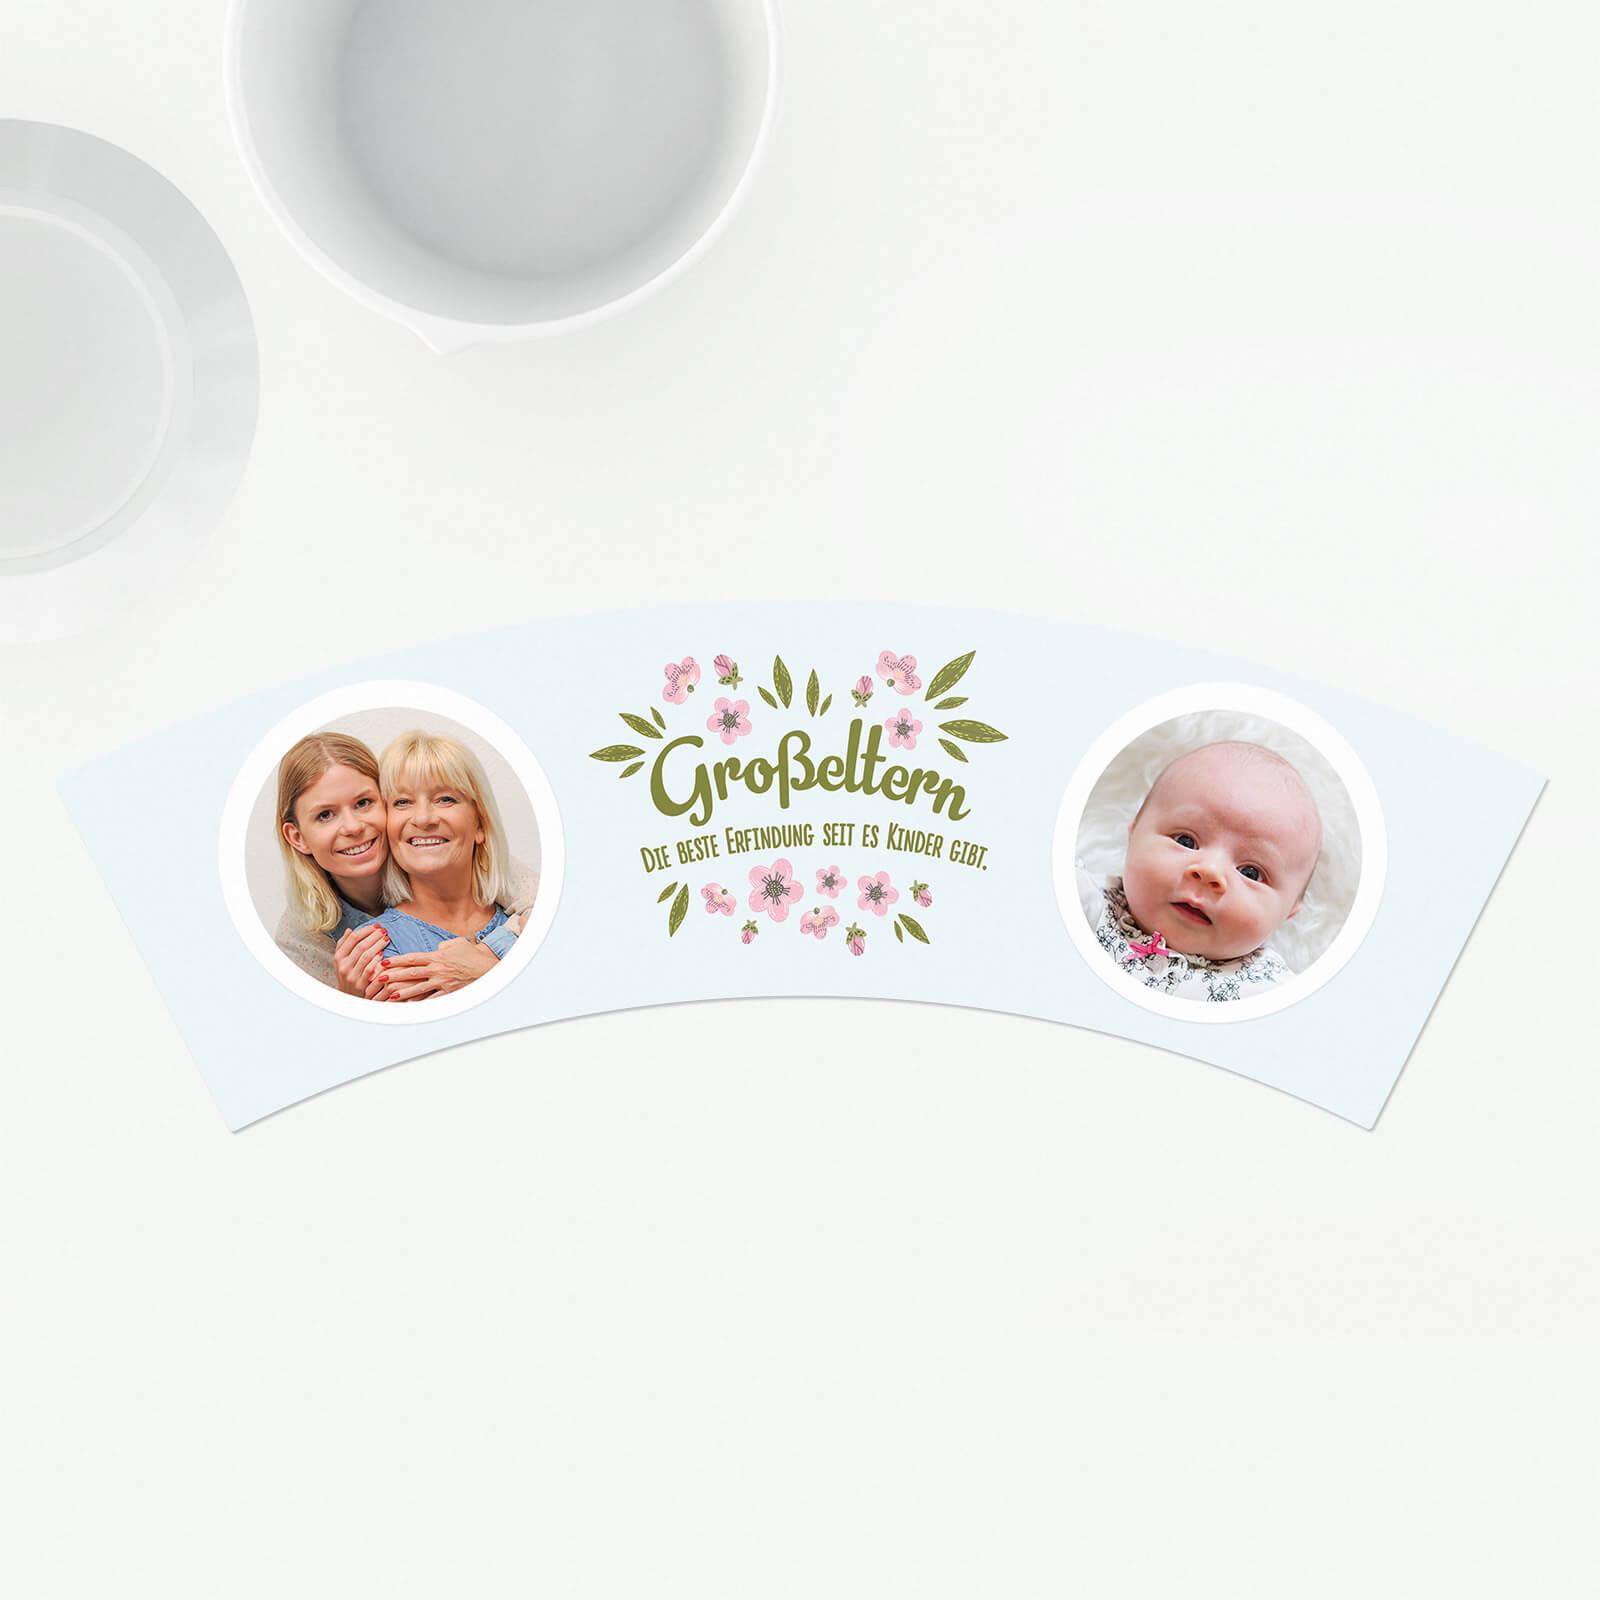 Großeltern Die Beste Erfindung Seit Es Kinder Gibt